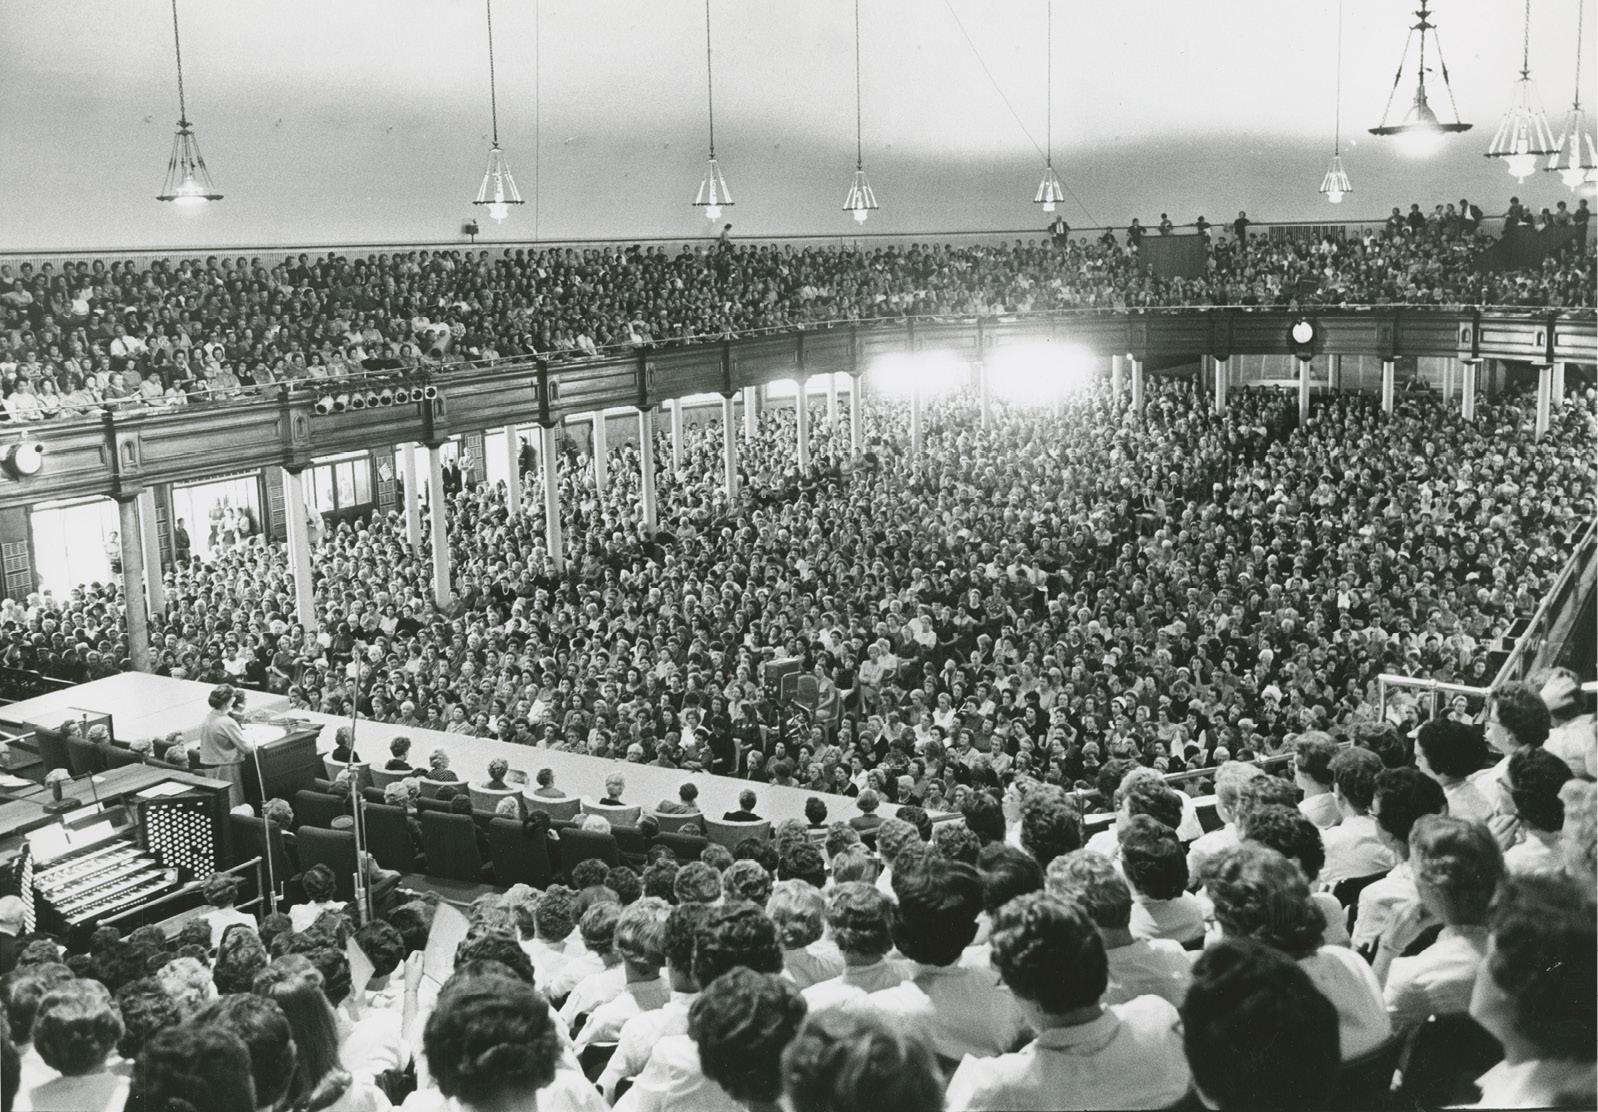 Conferência geral da Sociedade de Socorro em 1962. A primeira conferência geral da Sociedade de Socorro aconteceu em 1889. Essa fotografia do Tabernáculo de Salt Lake mostra uma grande multidão em uma das sessões da conferência de outubro de 1962, em que irmã Louise W. Madsen discursou. Fotografia de Ross Welser.